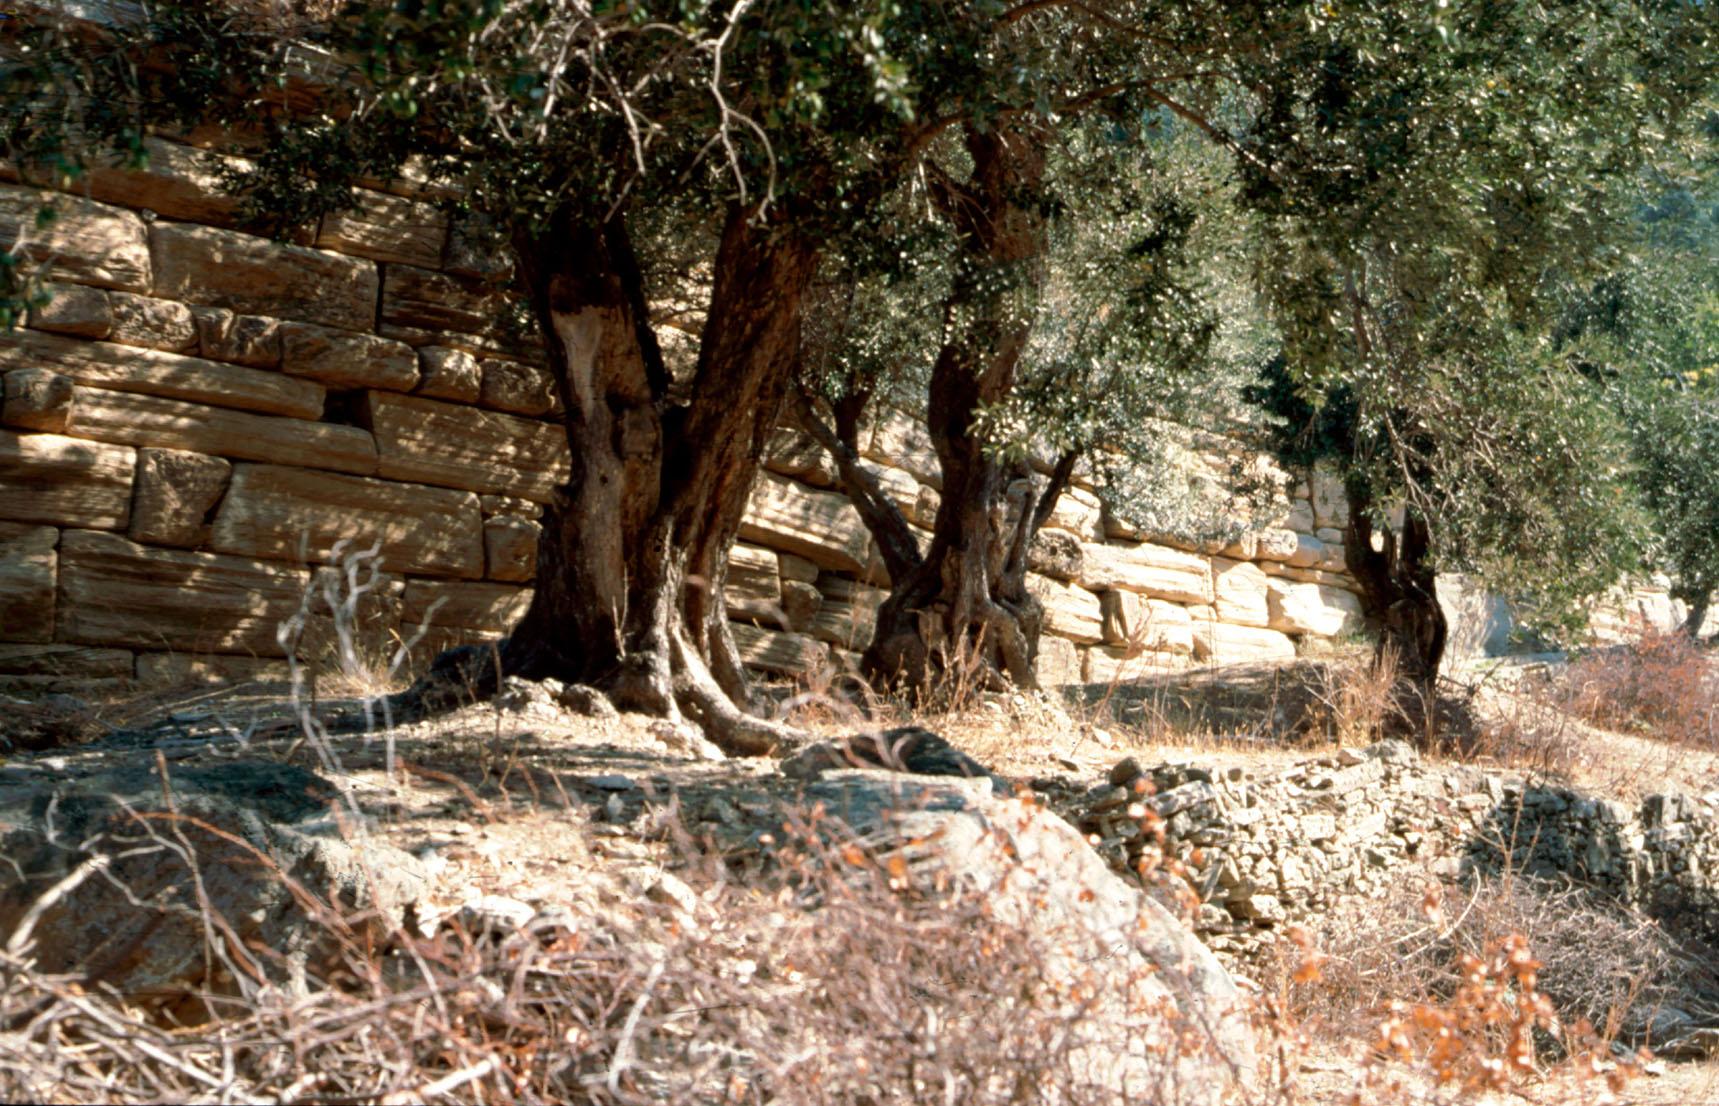 Άποψη του αναλημματικού τοίχου στην περιοχή του ιερού του Απόλλωνος Πυθίου (κτήμα Ψωμά)